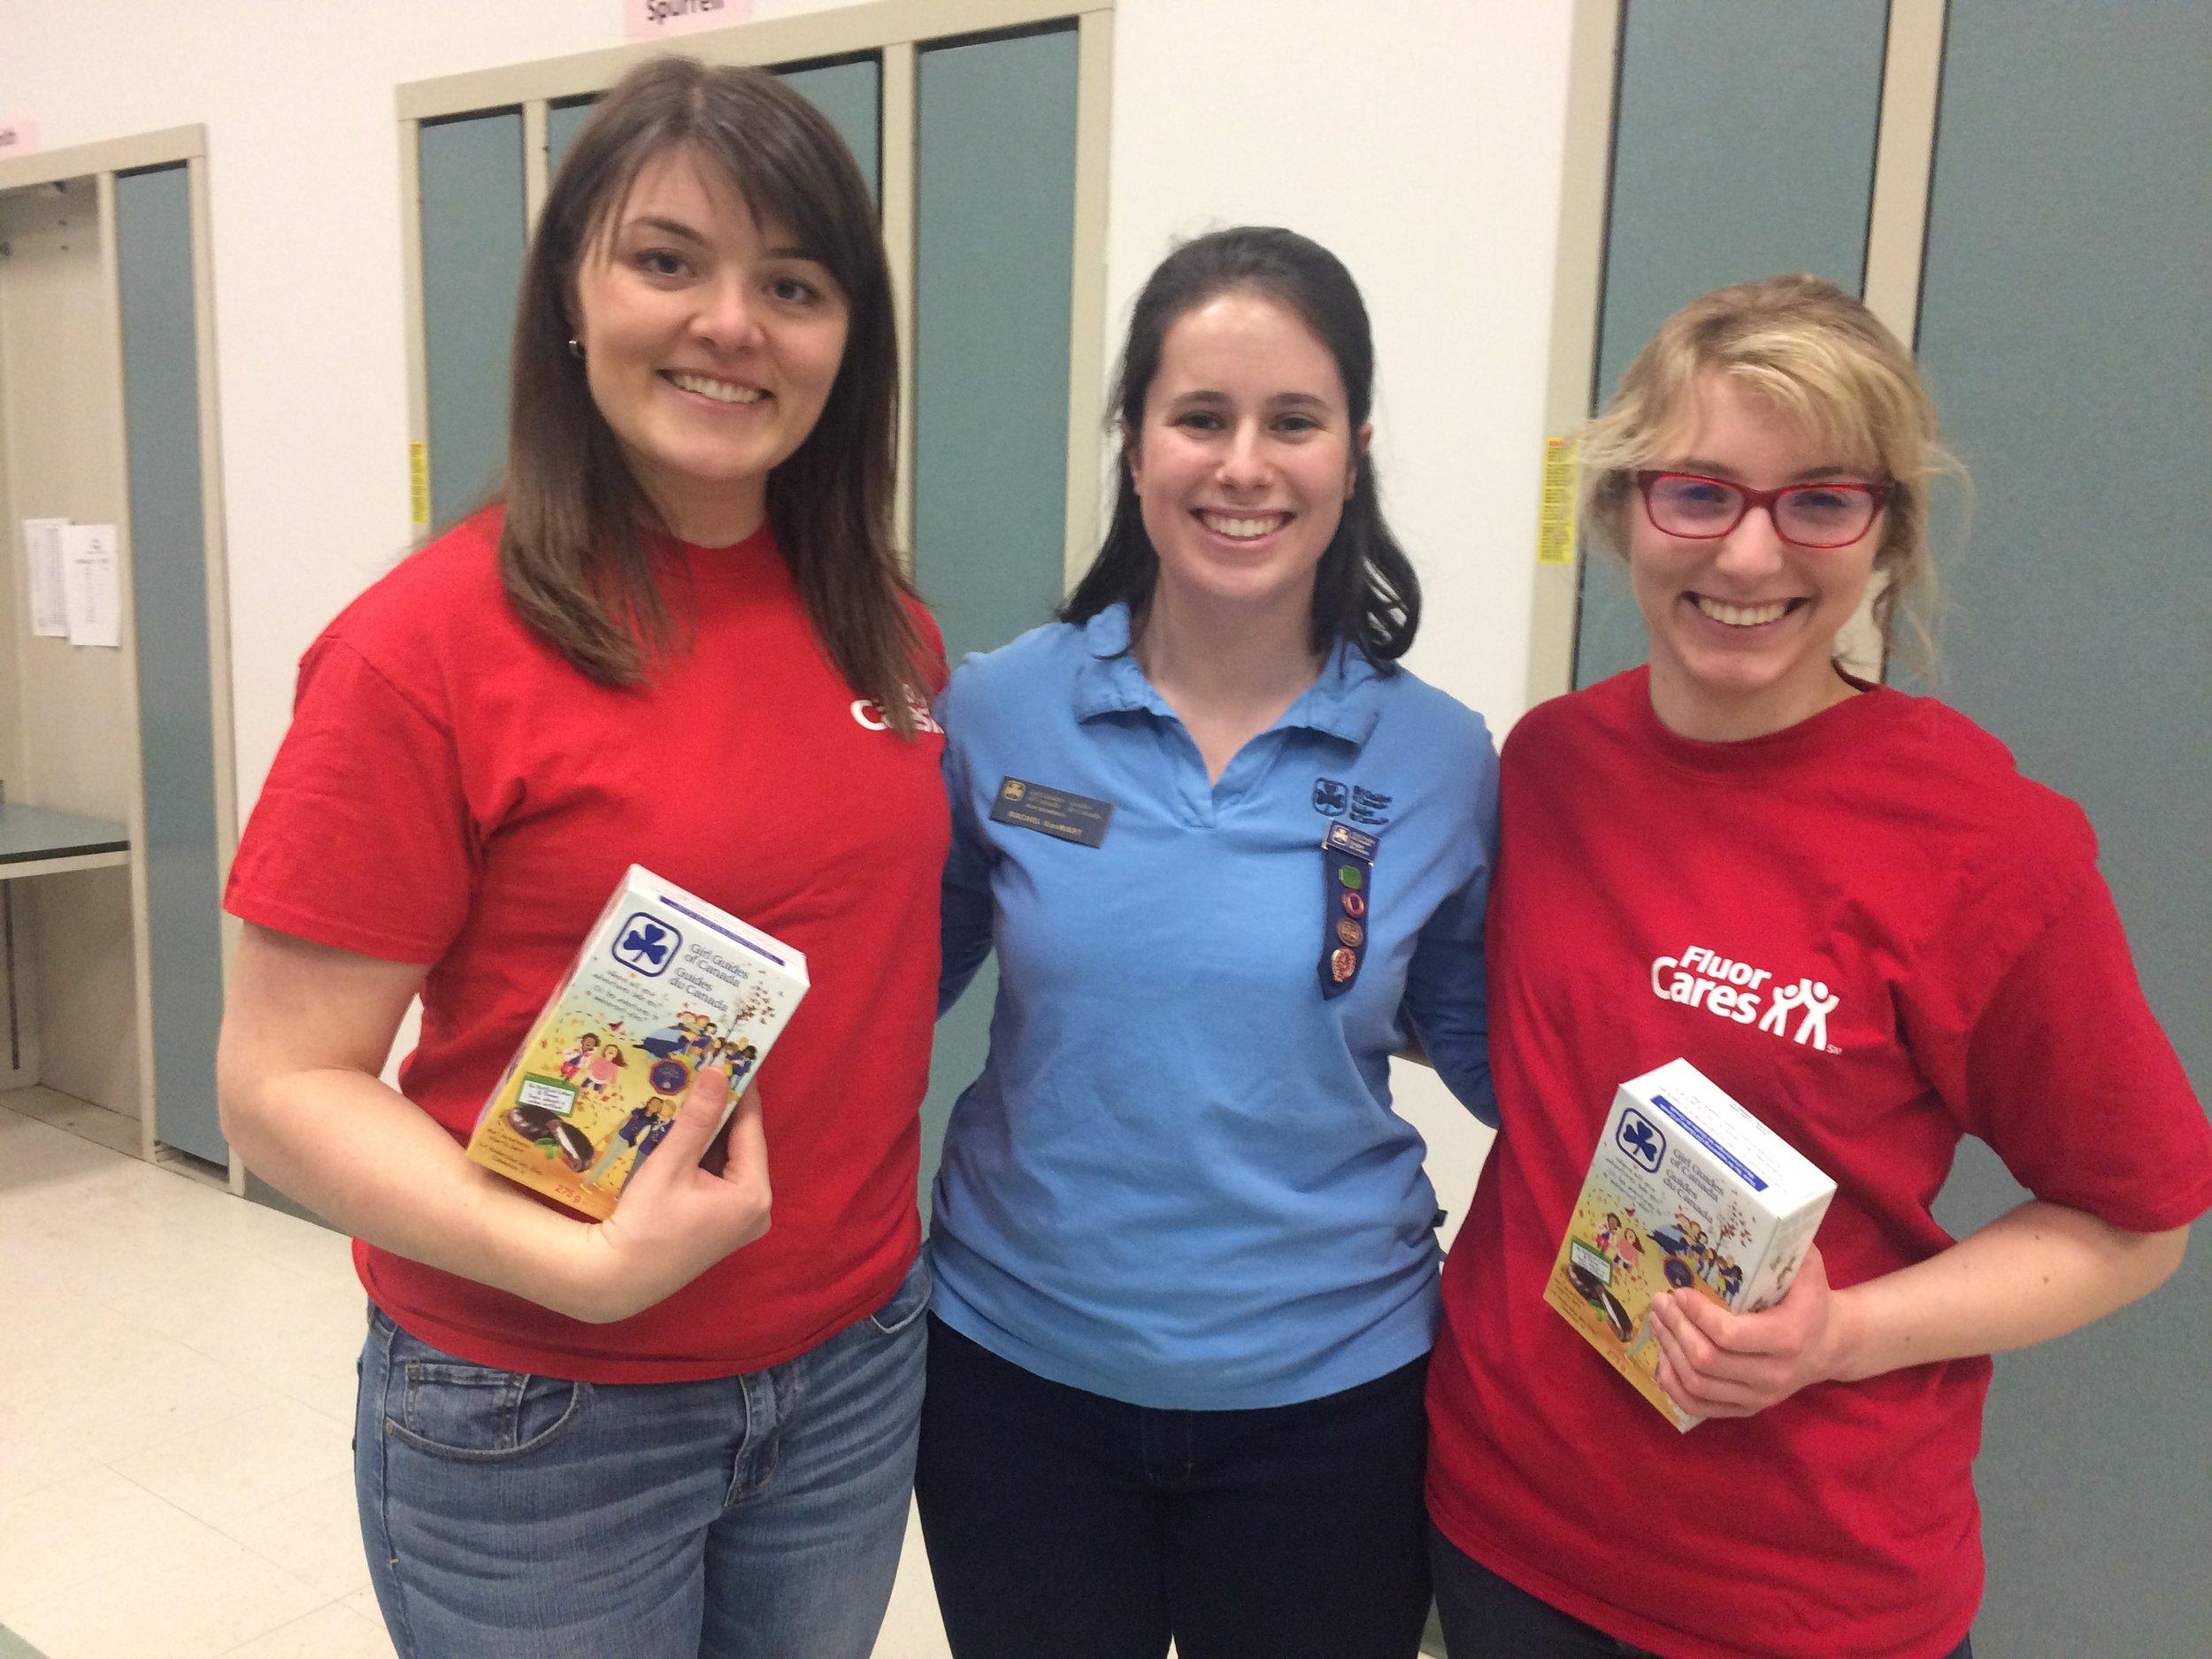 Girl Guide Photo - Lauren, Rachel, Mica.jpg